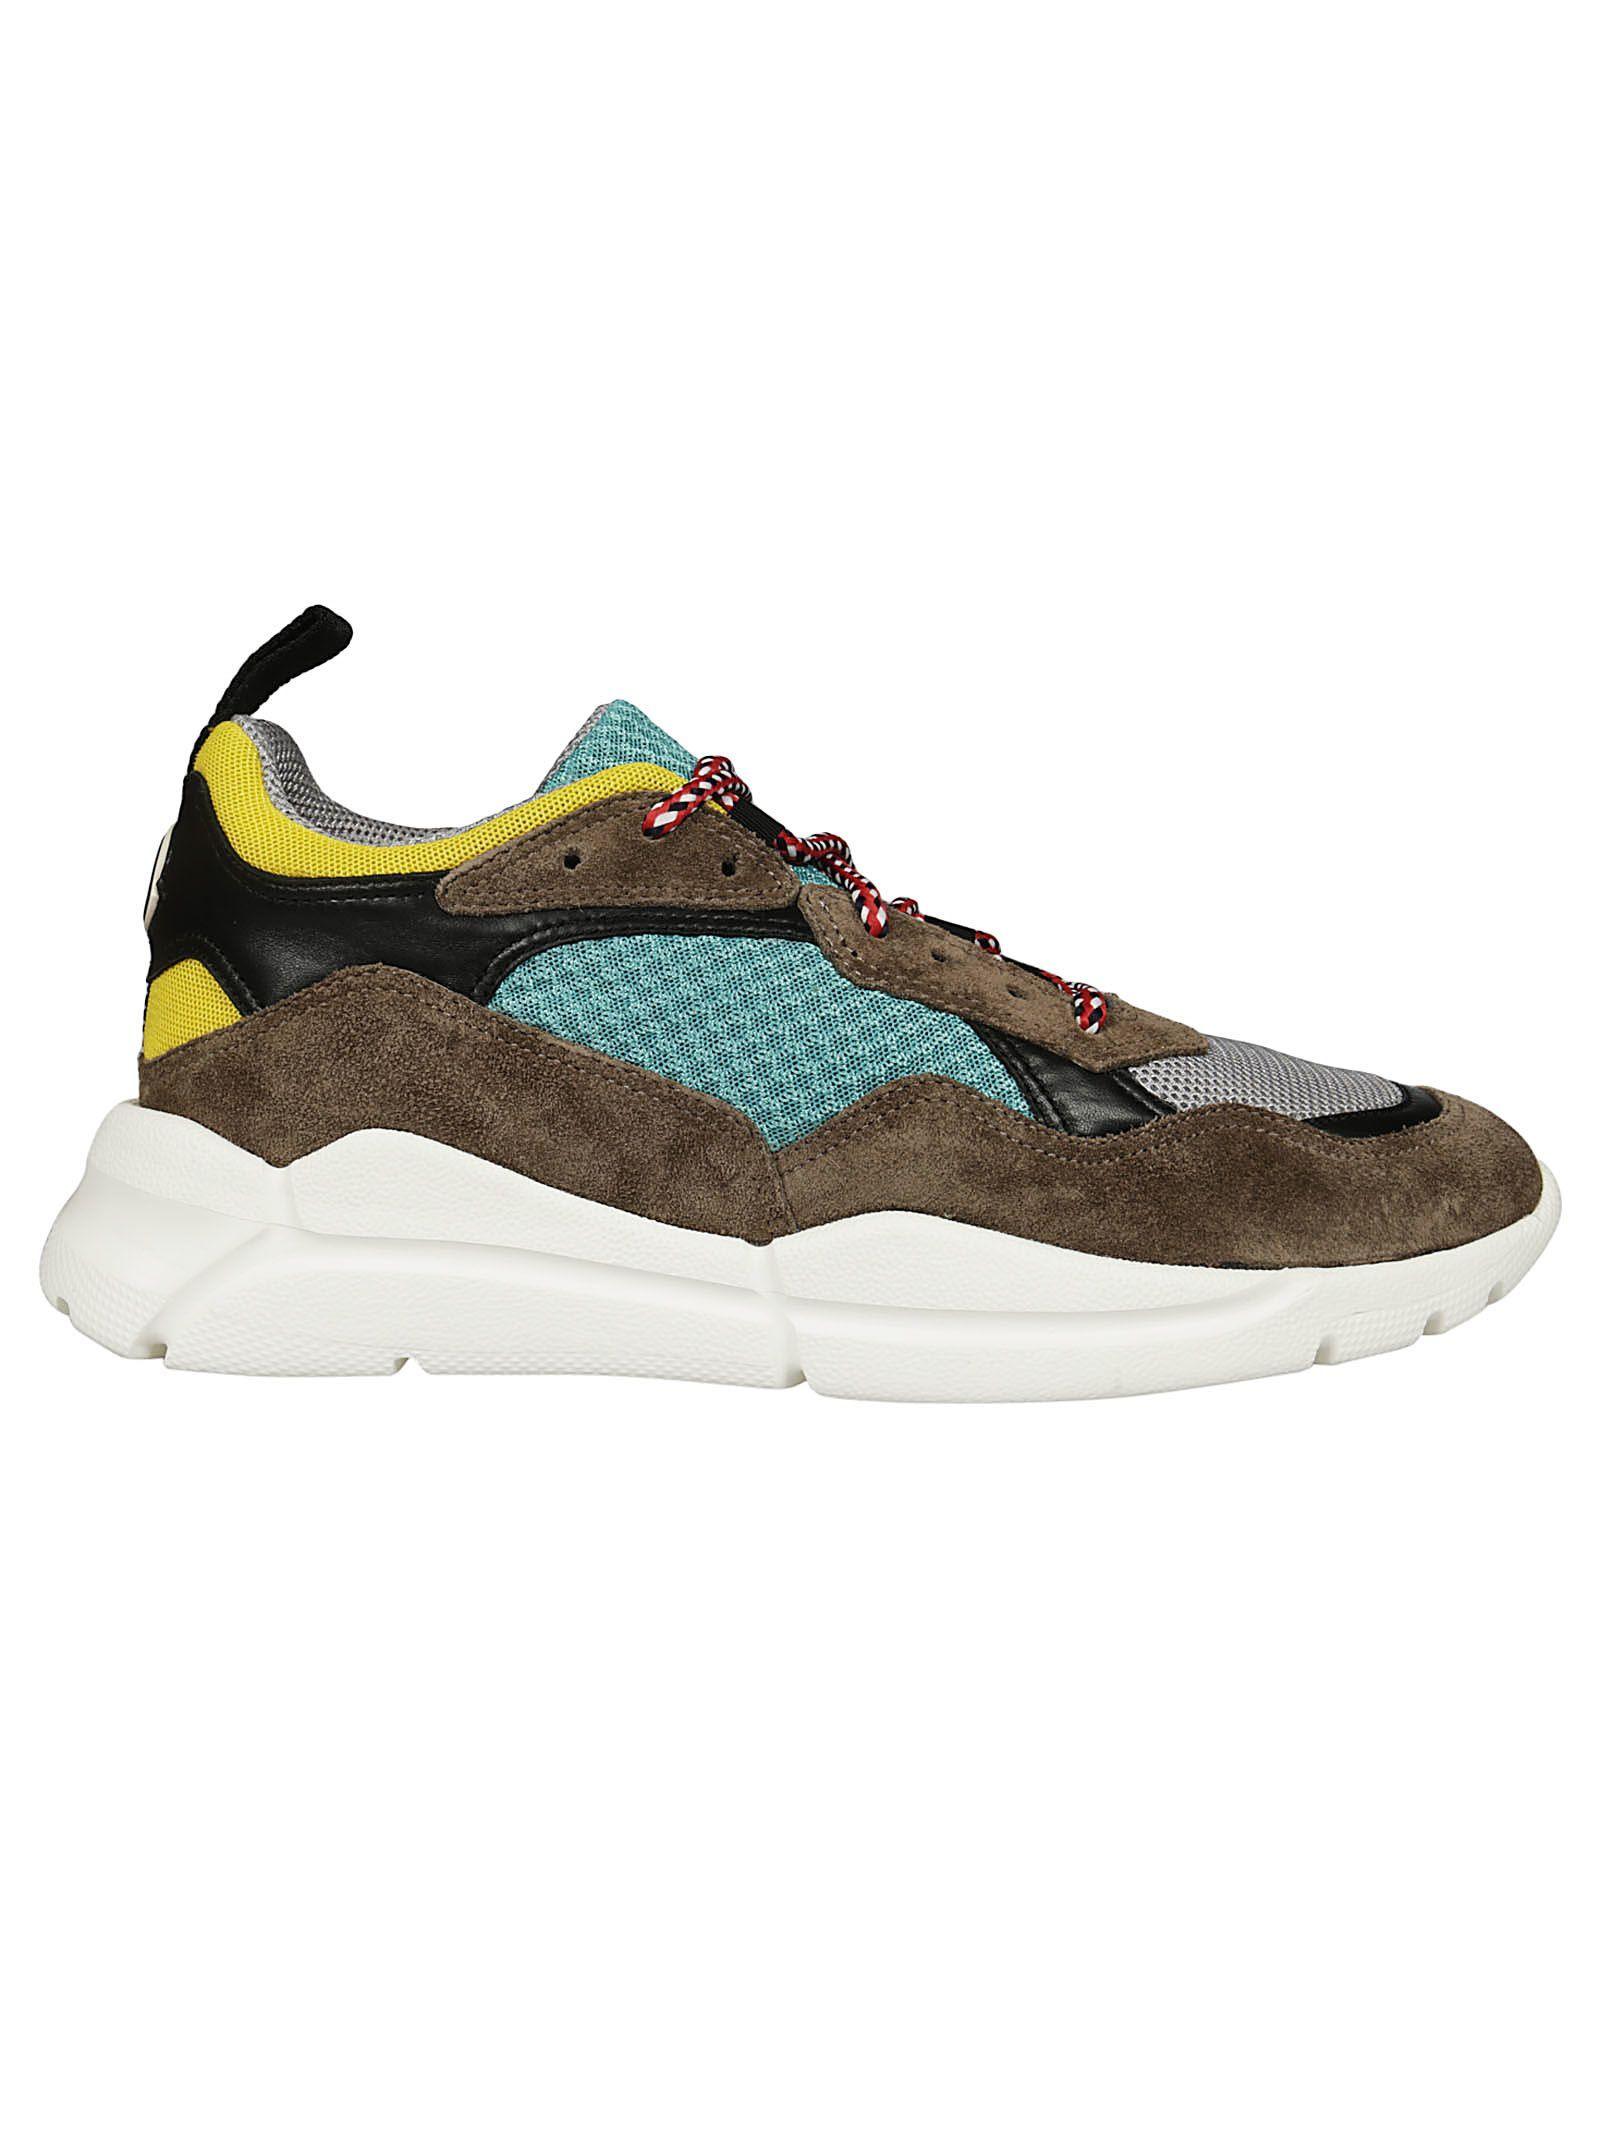 MONCLER CALUM SNEAKERS. #moncler #shoes # | Sneakers, Giallo